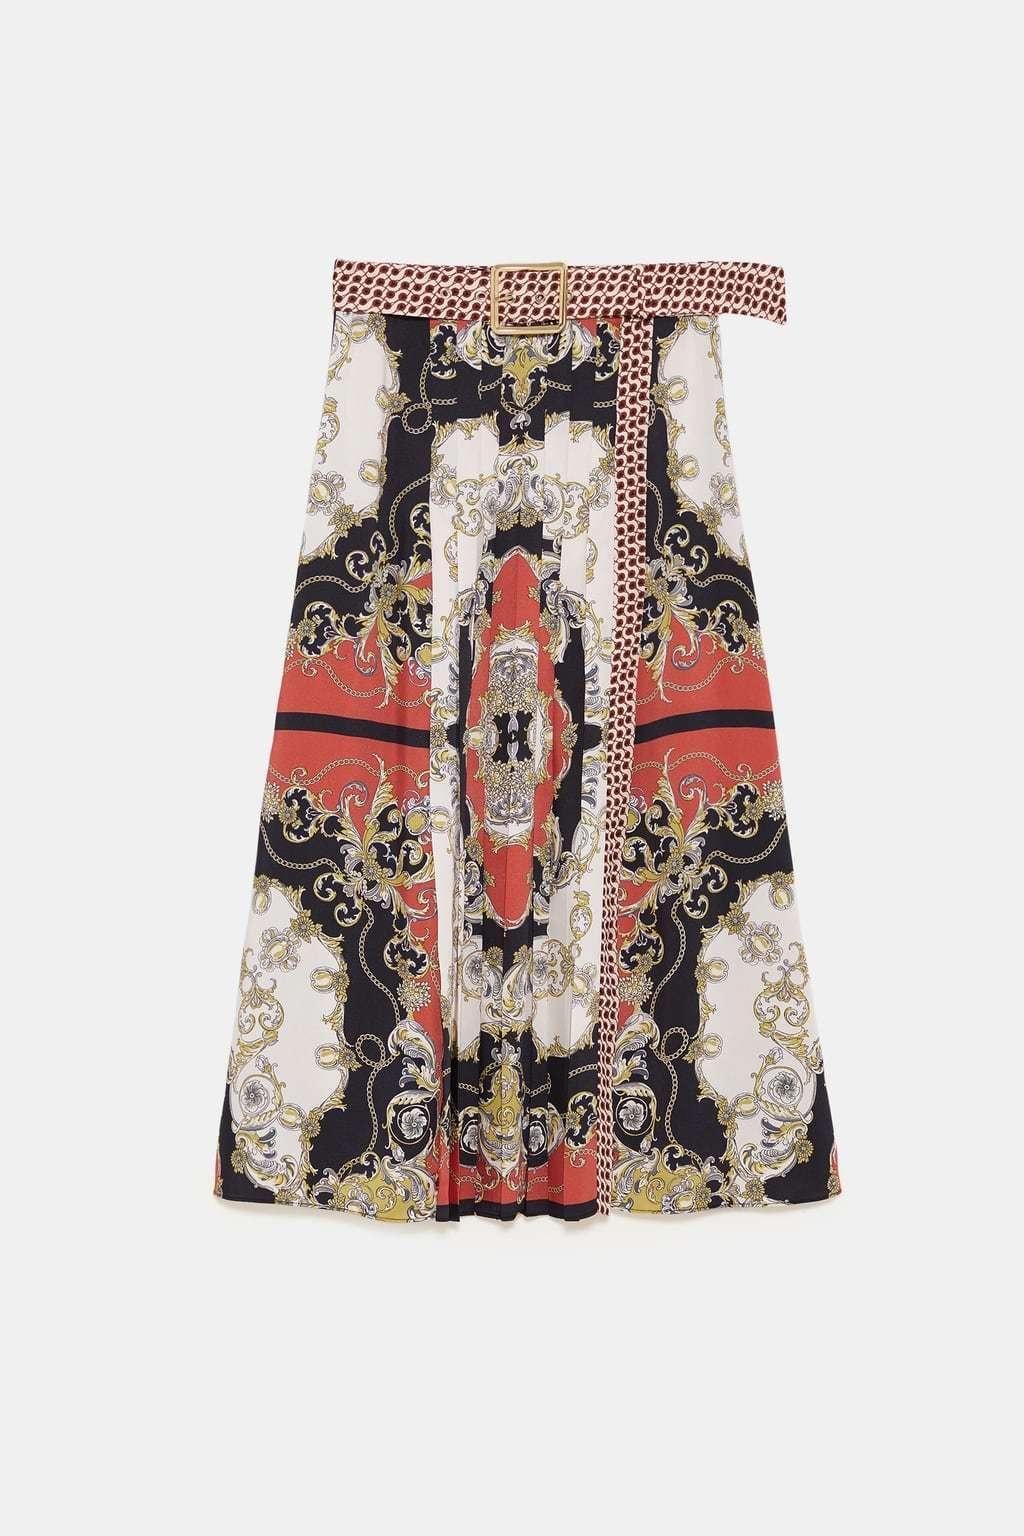 Falda plisada con estampado, de Zara (49,95 euros).